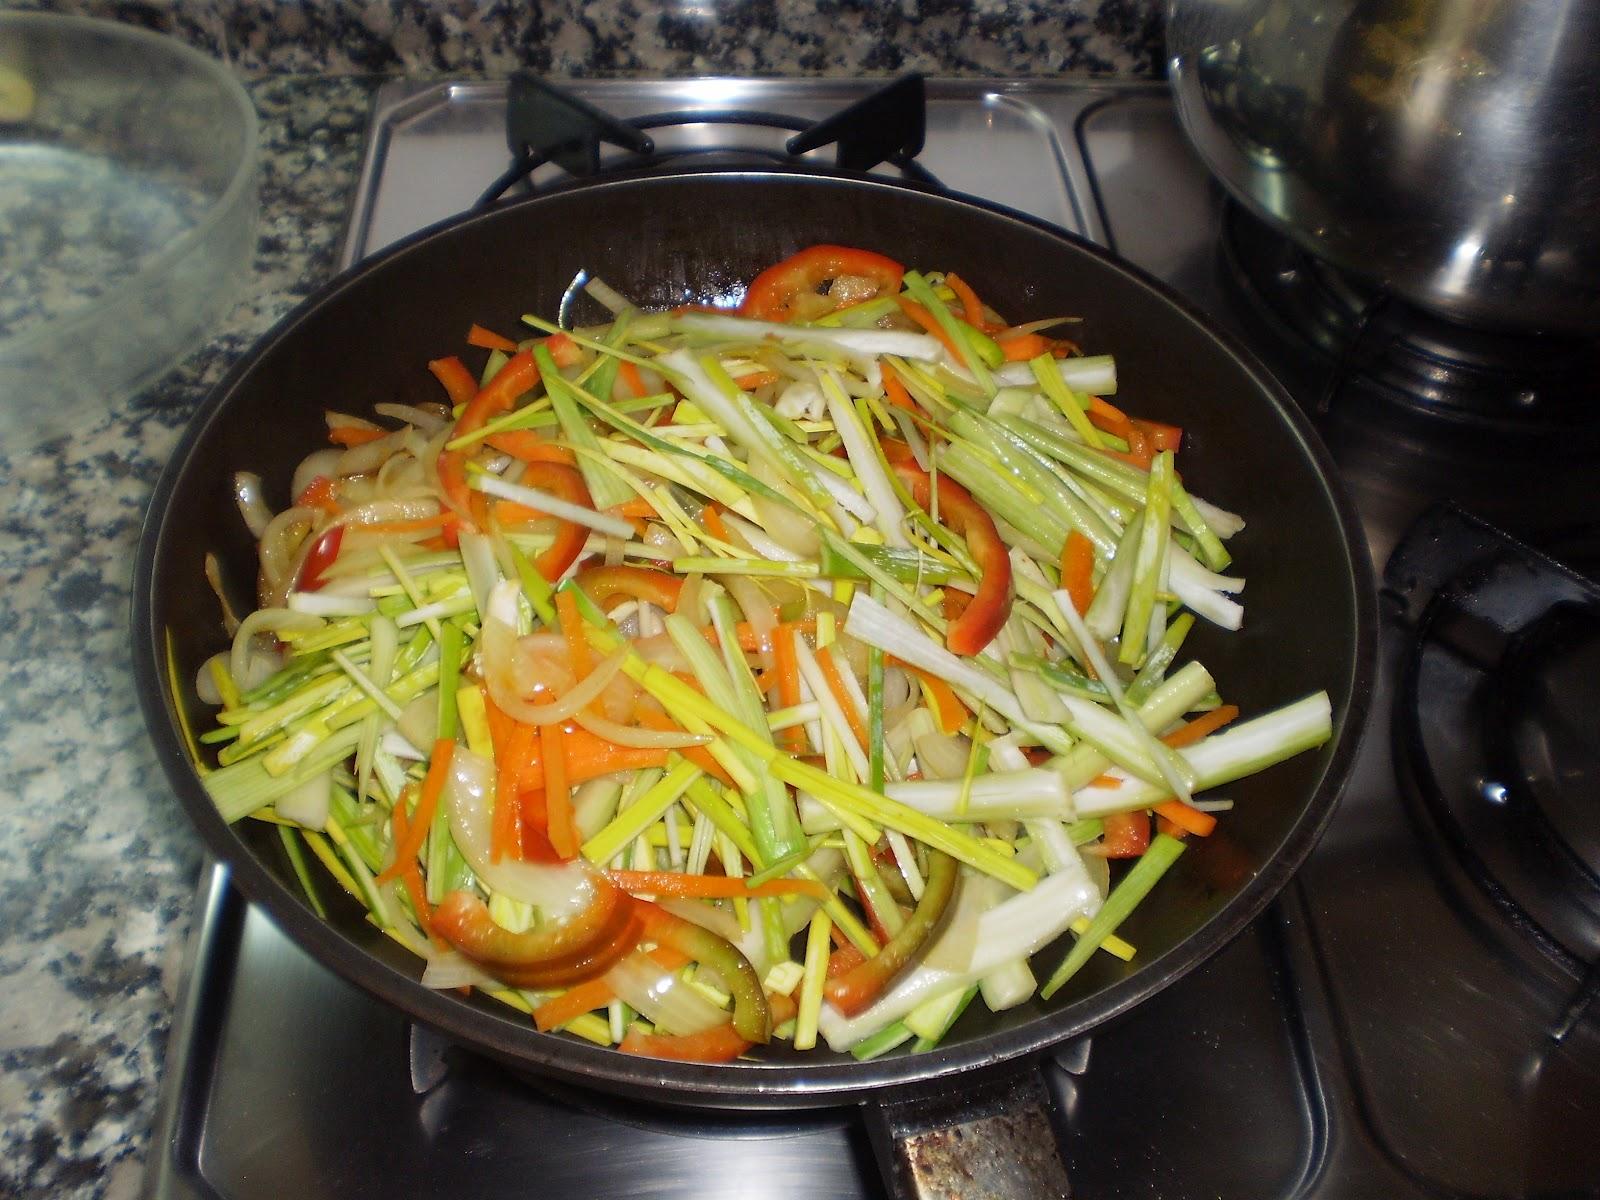 Cocina sin tonterias pescado al horno con verduras - Cocina al horno ...